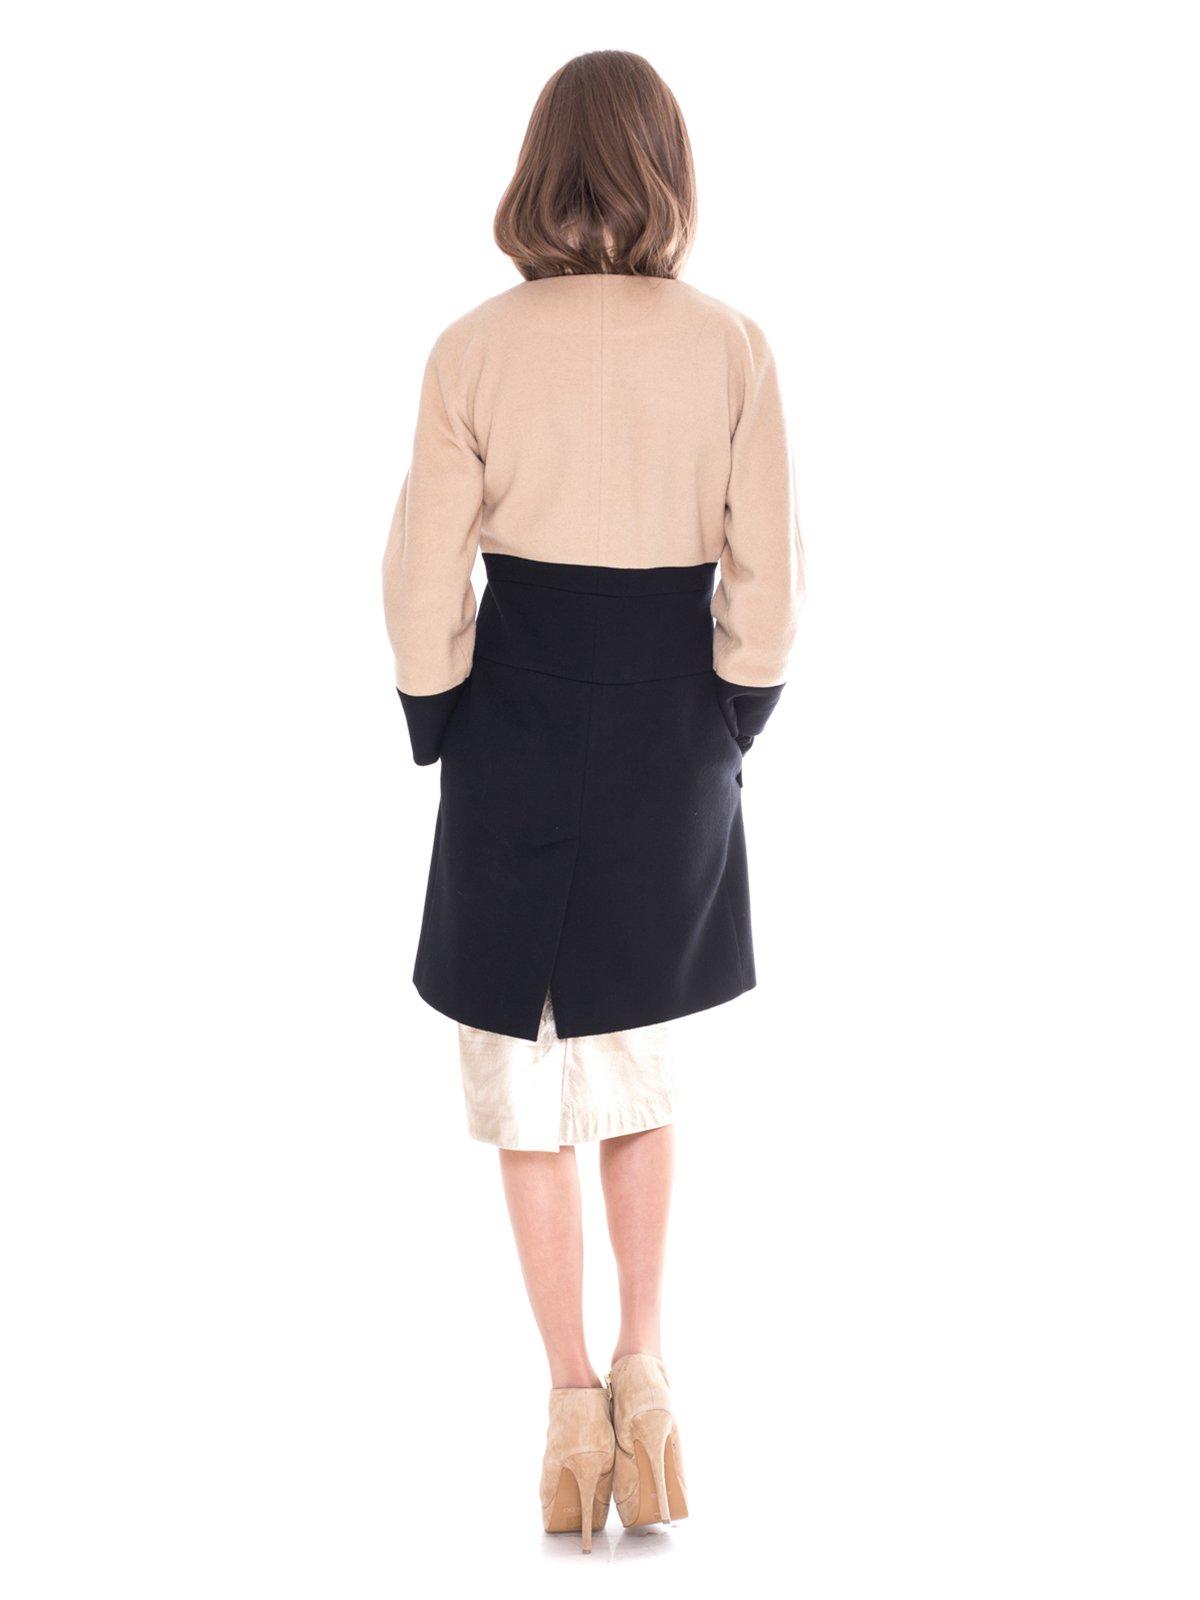 Пальто двухцветное | 2083579 | фото 3